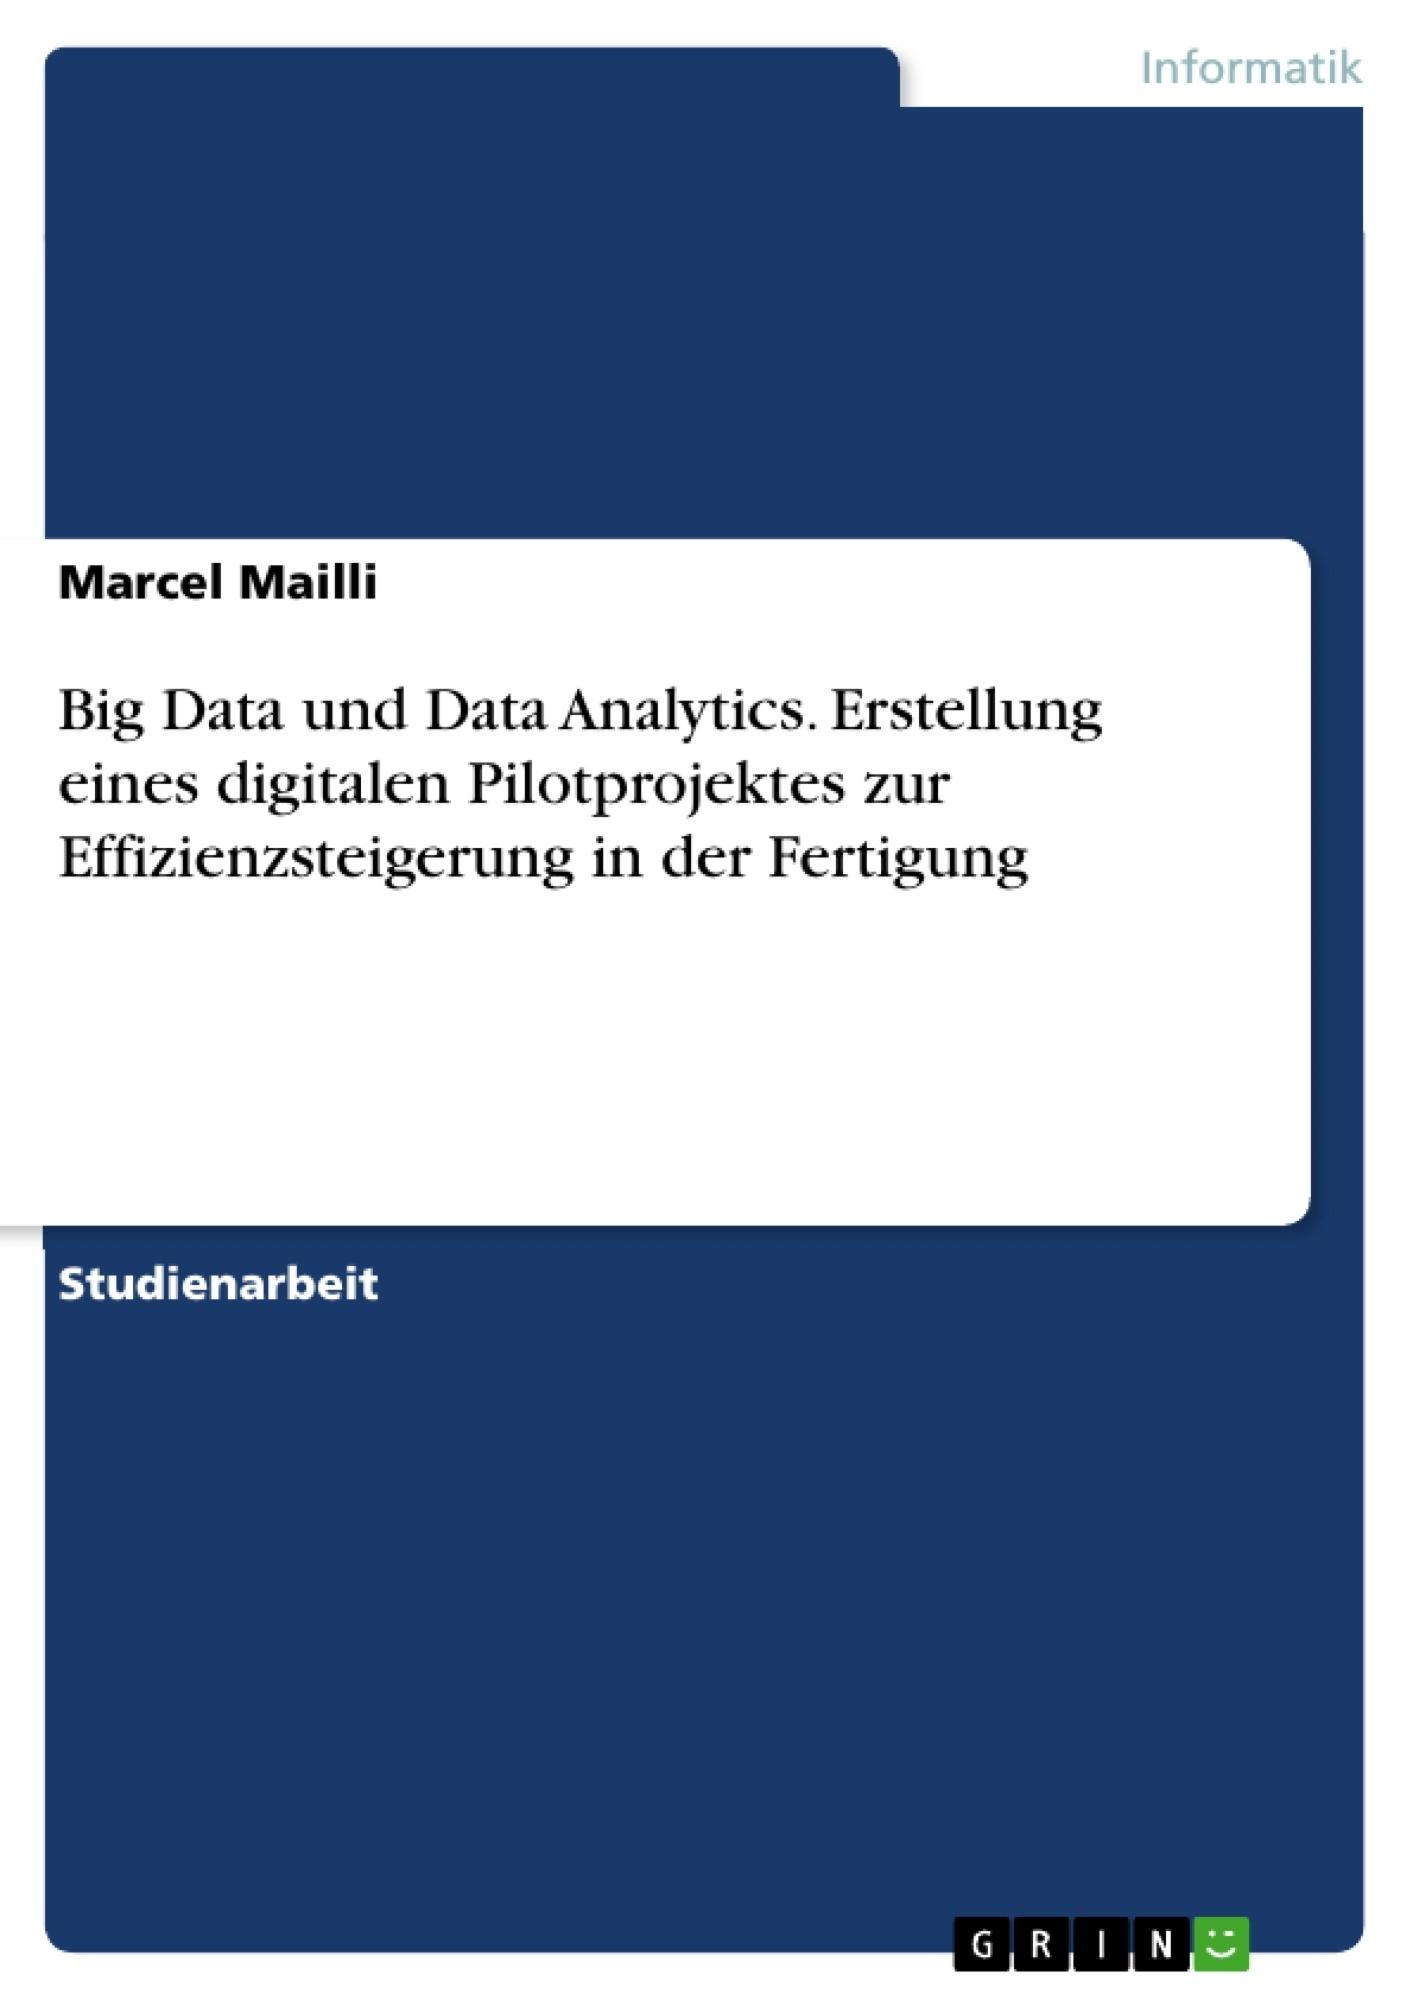 Titel: Big Data und Data Analytics. Erstellung eines digitalen Pilotprojektes zur Effizienzsteigerung in der Fertigung